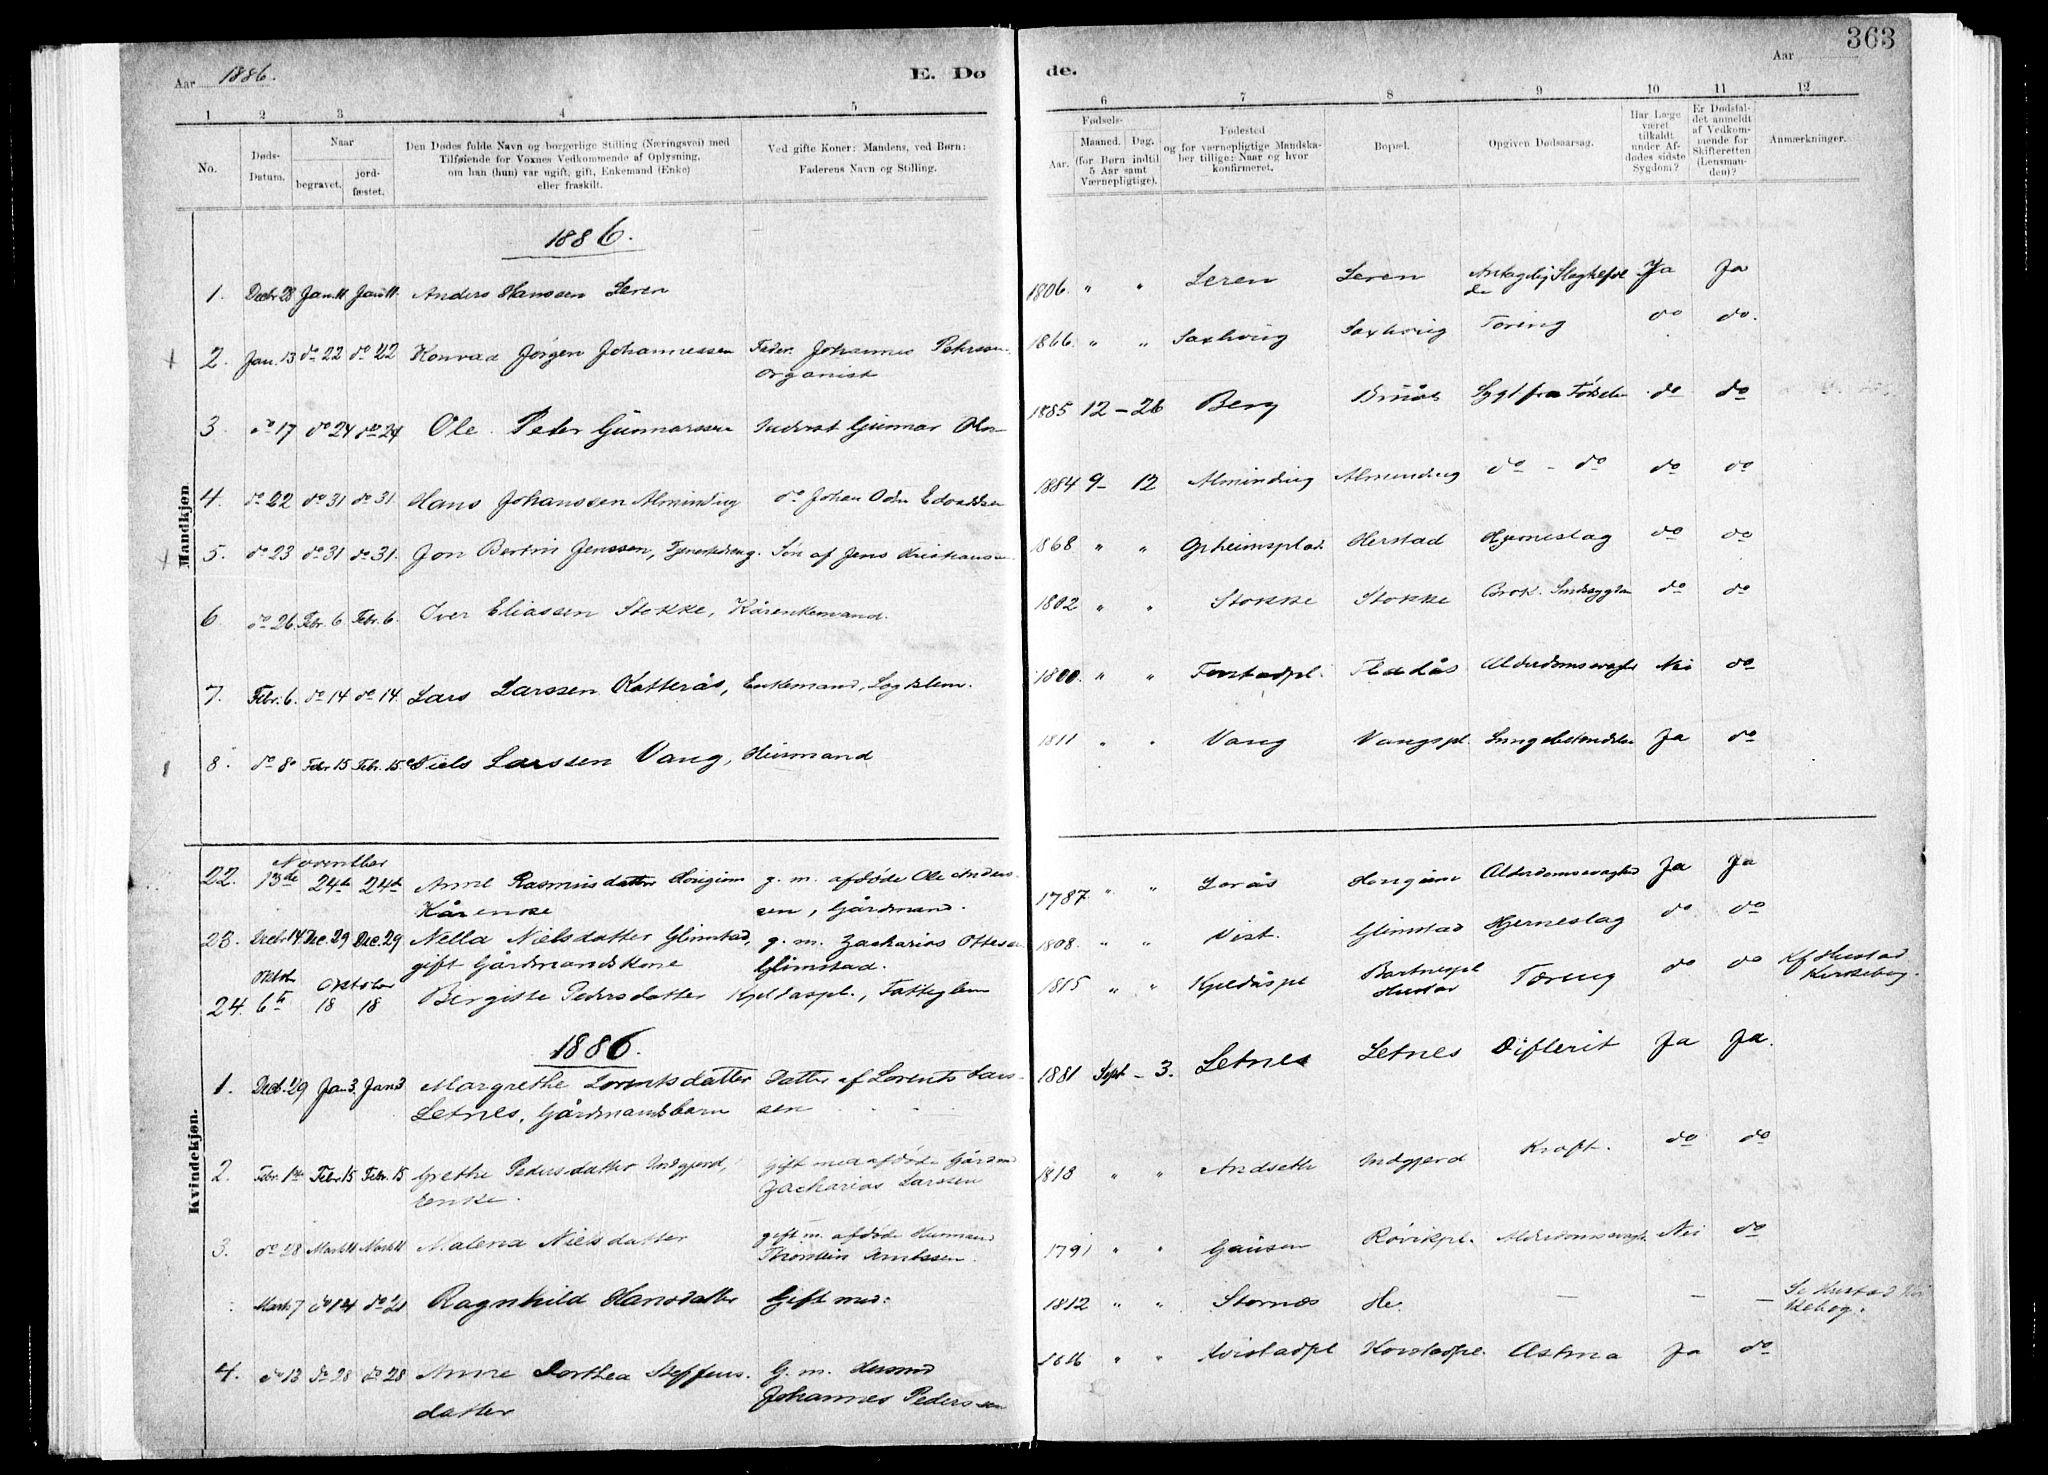 SAT, Ministerialprotokoller, klokkerbøker og fødselsregistre - Nord-Trøndelag, 730/L0285: Ministerialbok nr. 730A10, 1879-1914, s. 363